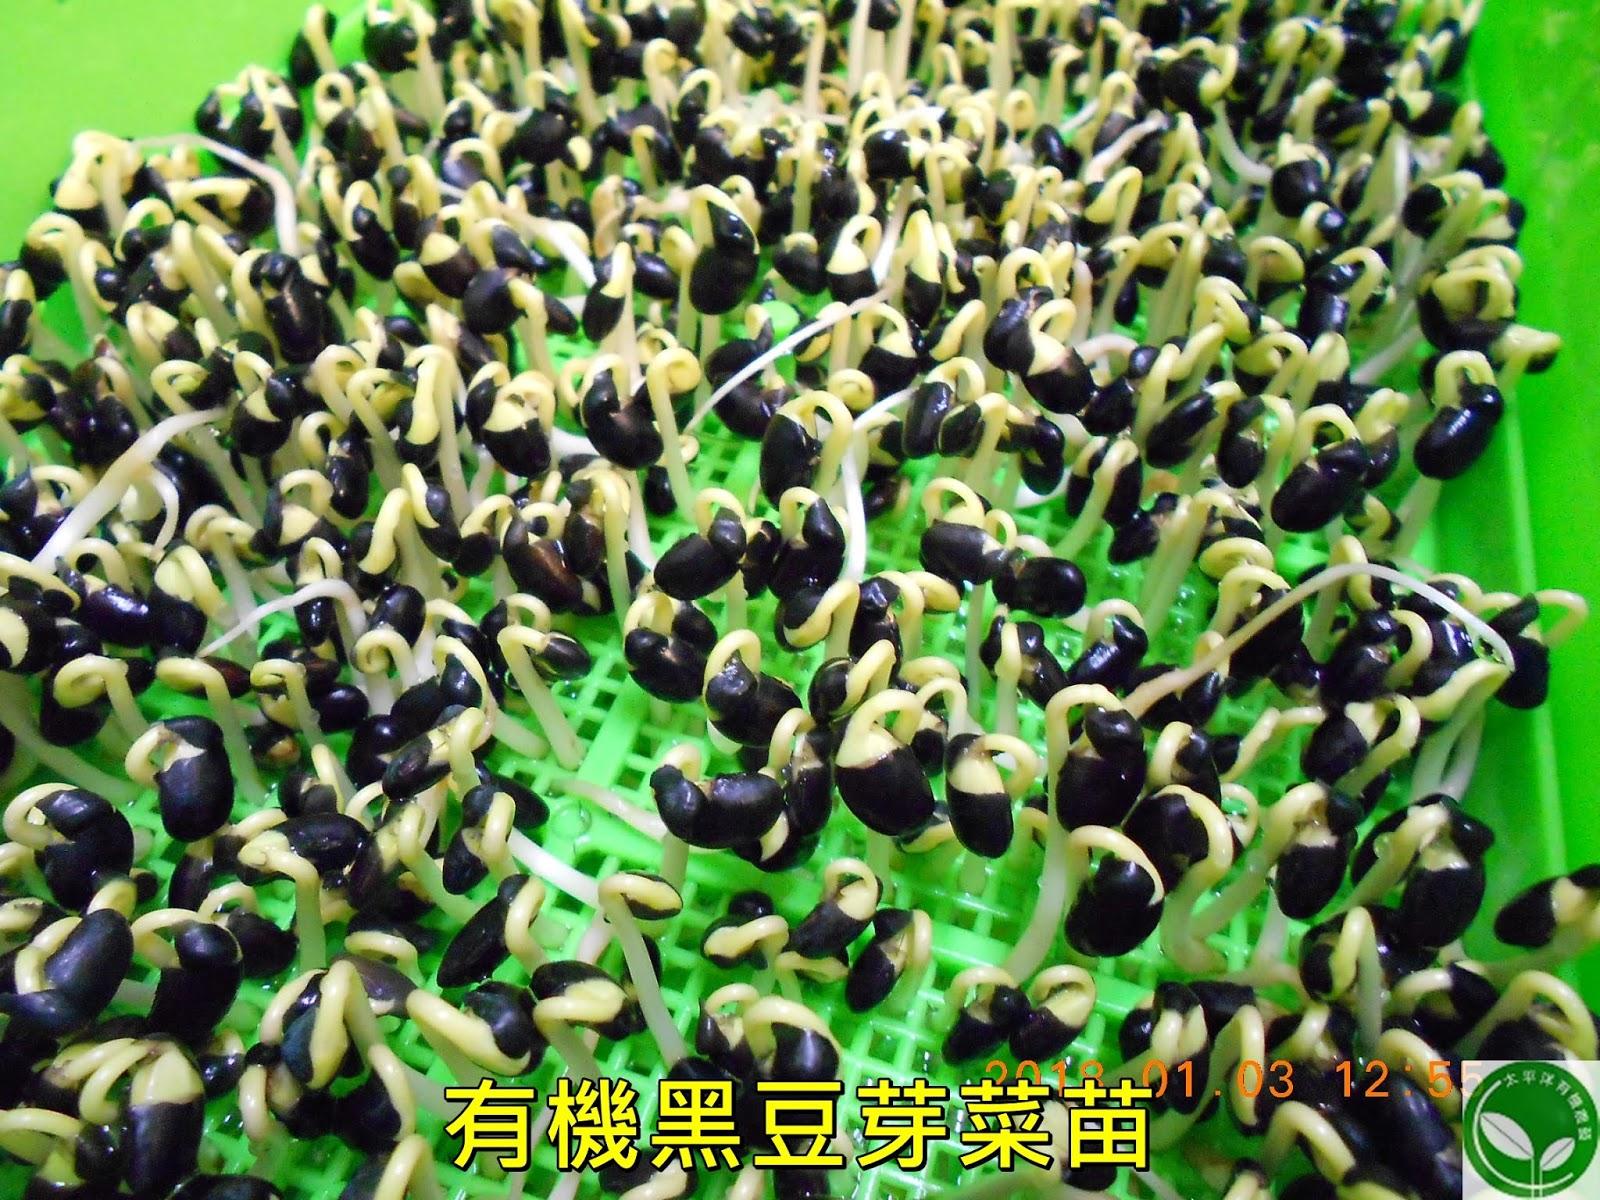 黑豆,台灣黑豆,青仁黑豆,台灣黑豆哪裡買,黑豆水的煮法,黑豆酒購買,黑豆水作法,黑豆芽生吃,黑豆水,黑豆茶煮法